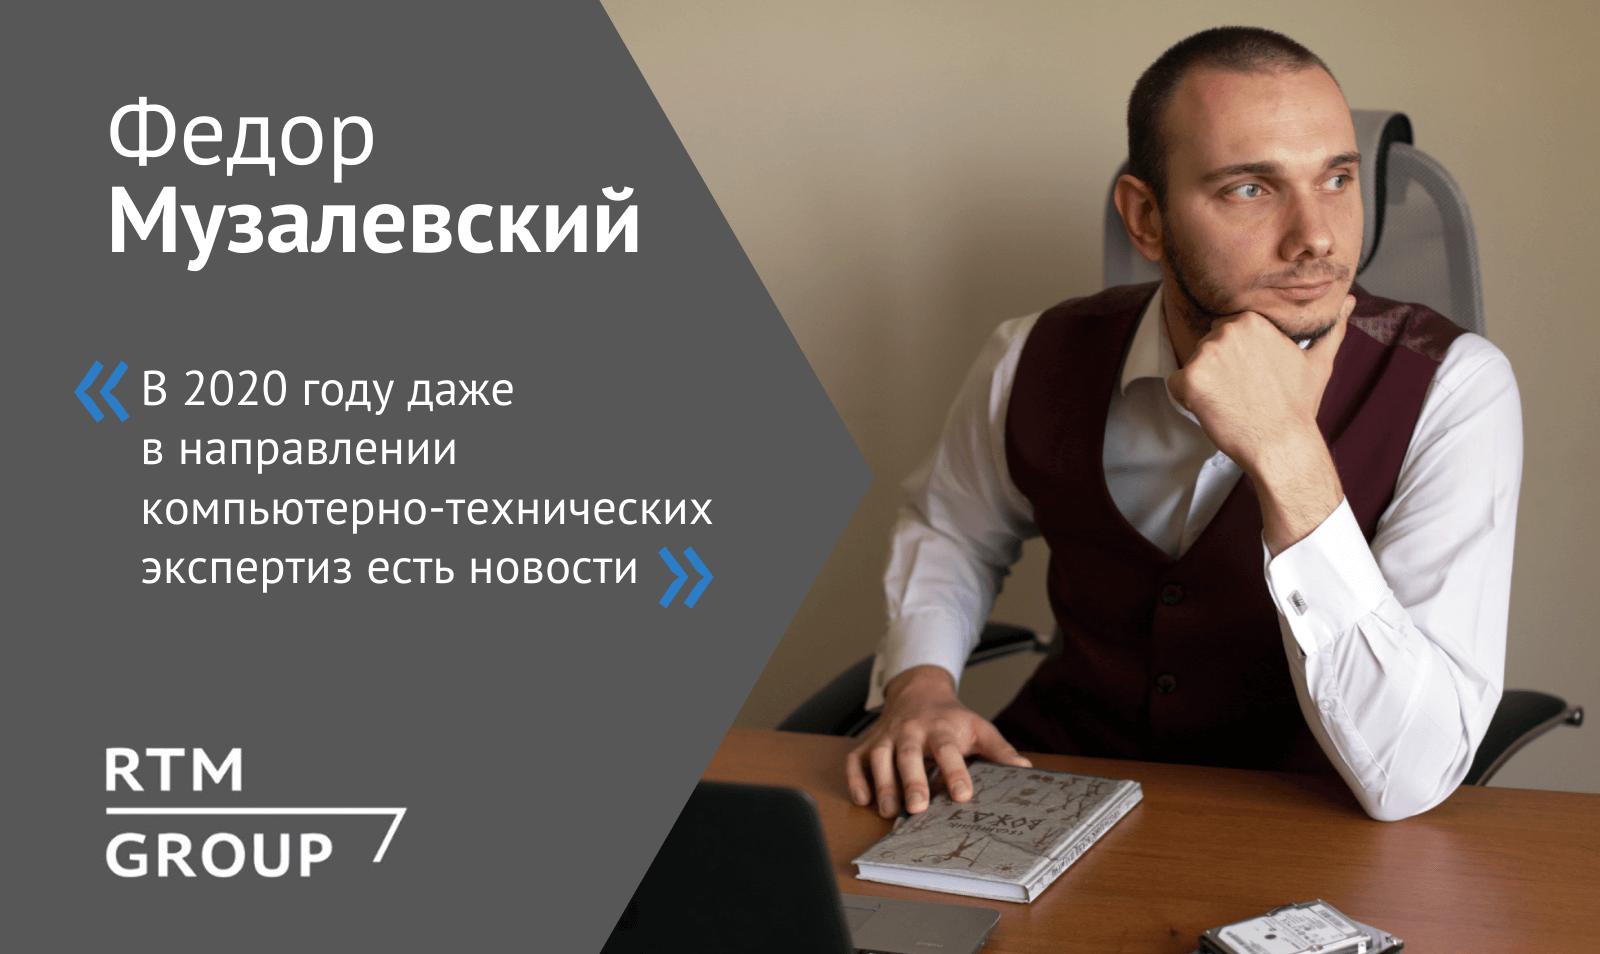 Федор Музалевский: что нового в 2020 году в компьютерно-технических экспертизах?